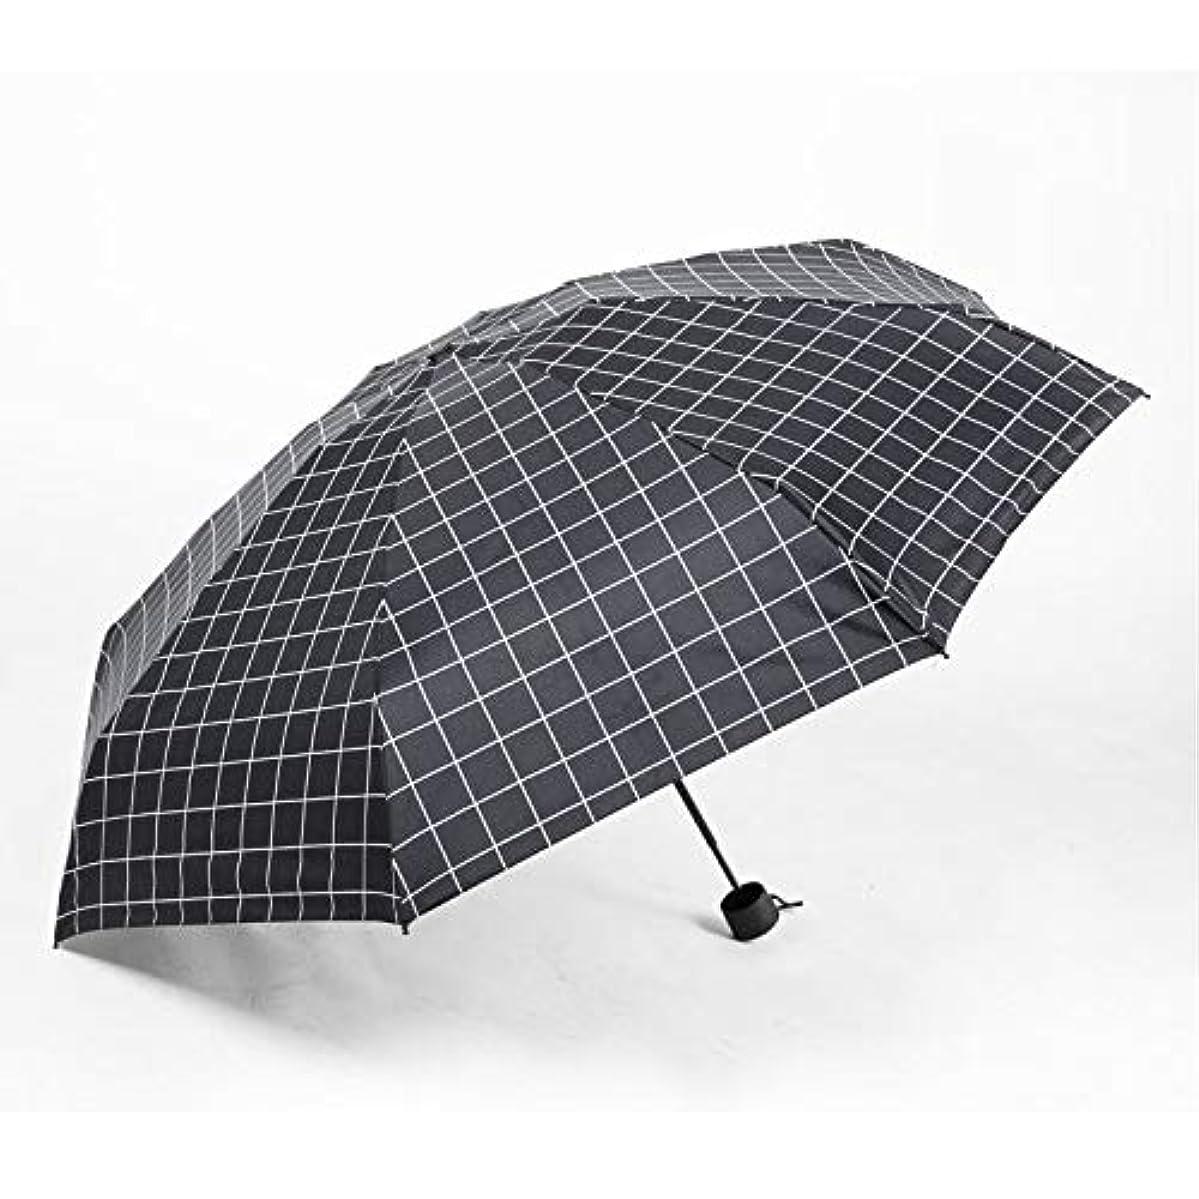 閲覧するガードゴミ箱を空にするHAPPY HOME 5つ折り傘8骨は防風傘黒プラスチック日焼け止めUV傘ミニ日傘